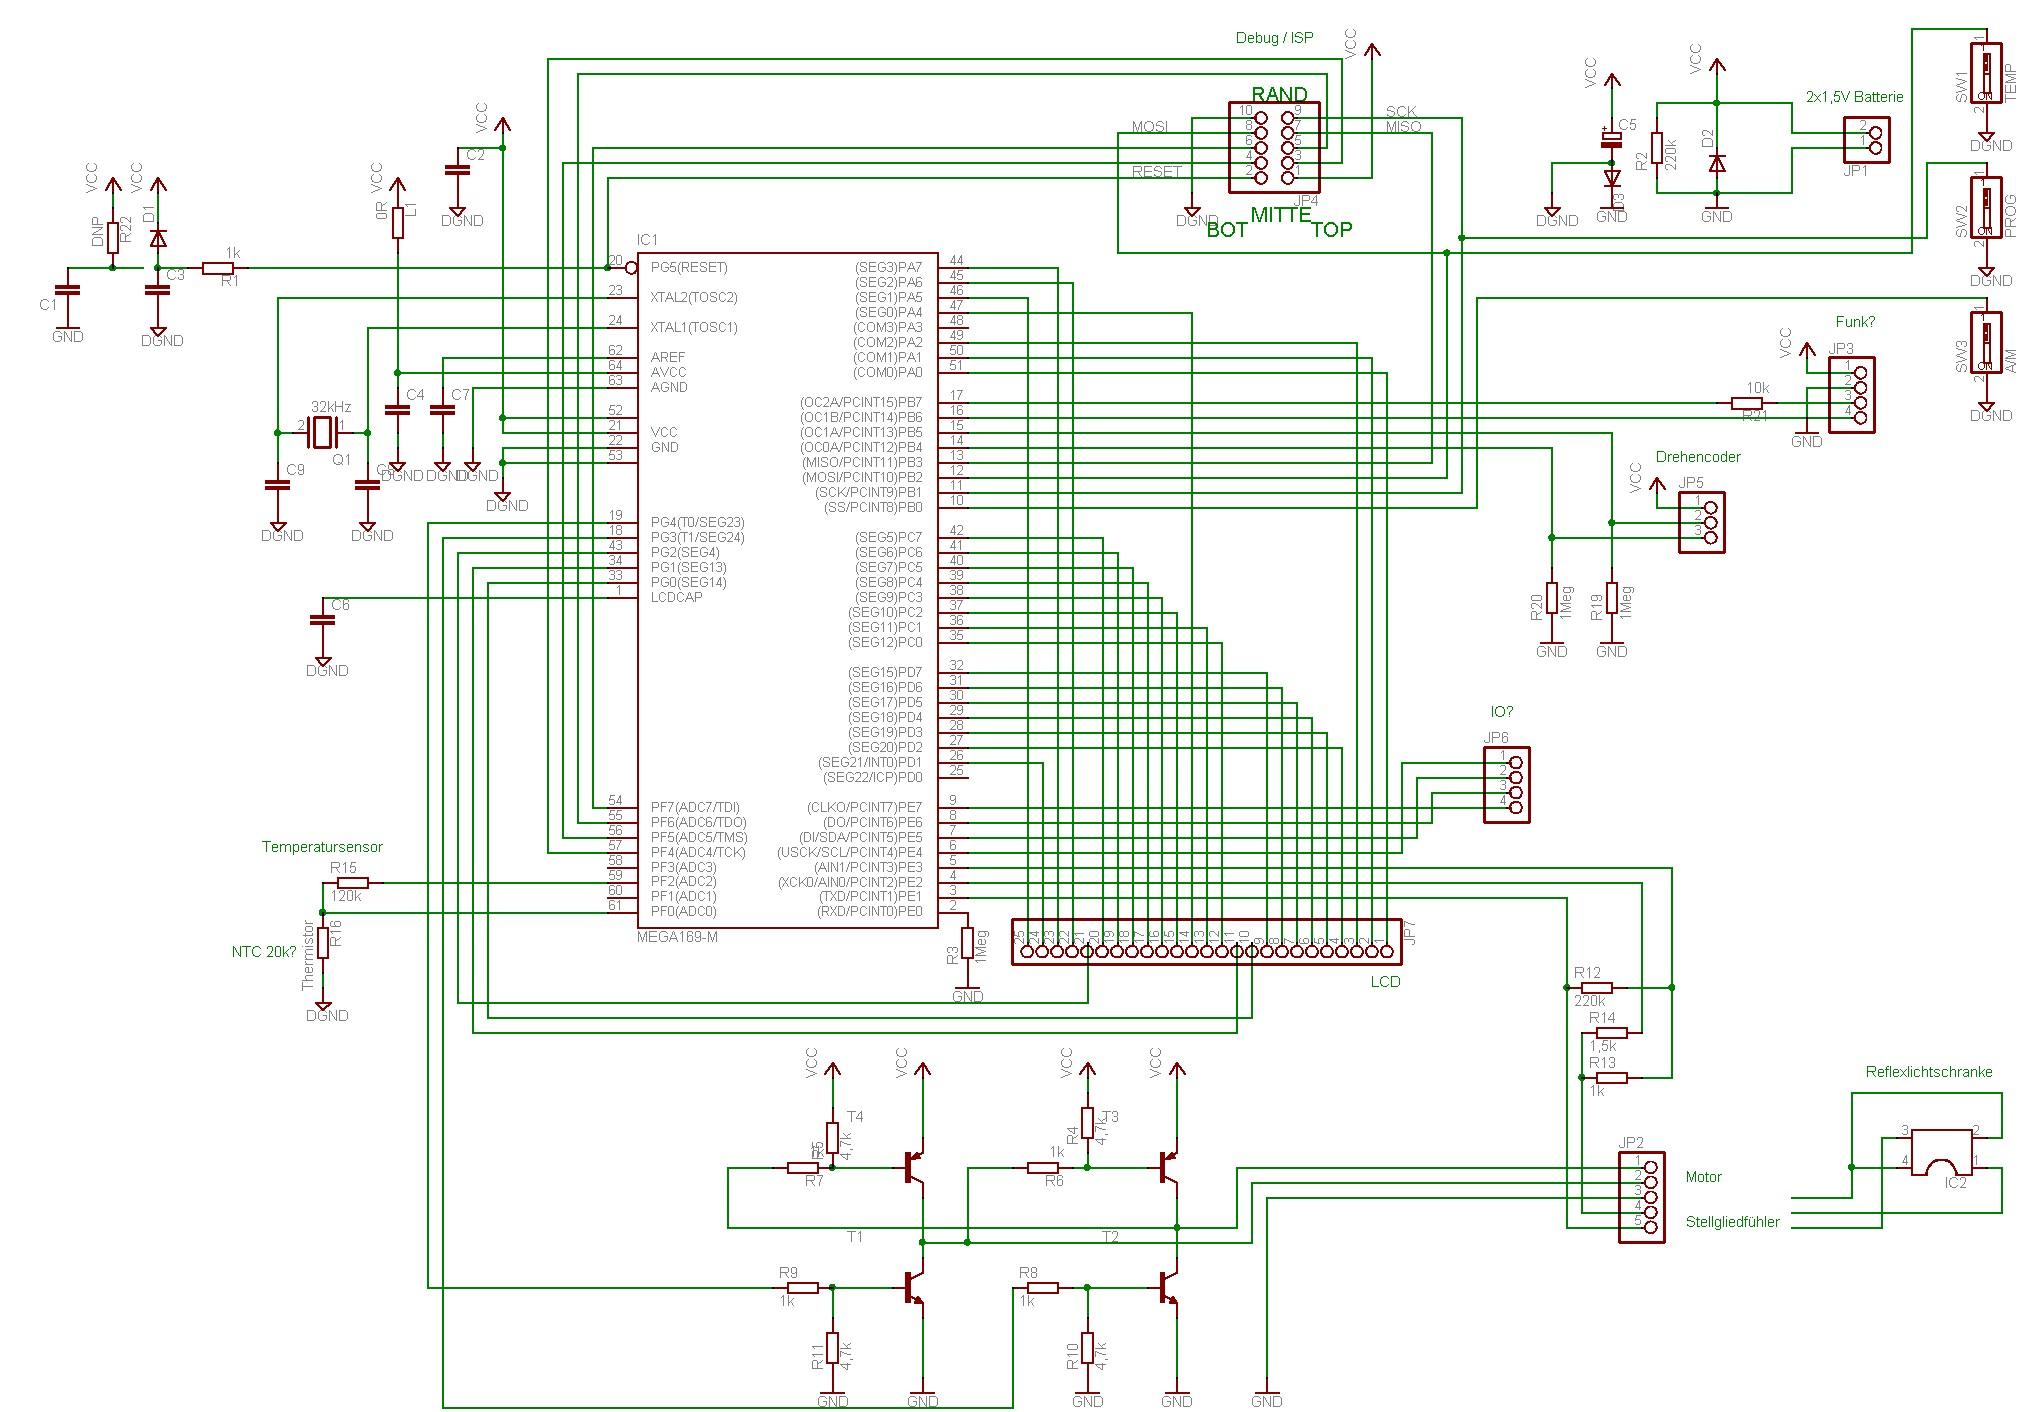 Radiator System Diagram Openhr20 Firmware for Honeywell Rondostat Hr20e Embdev Of Radiator System Diagram